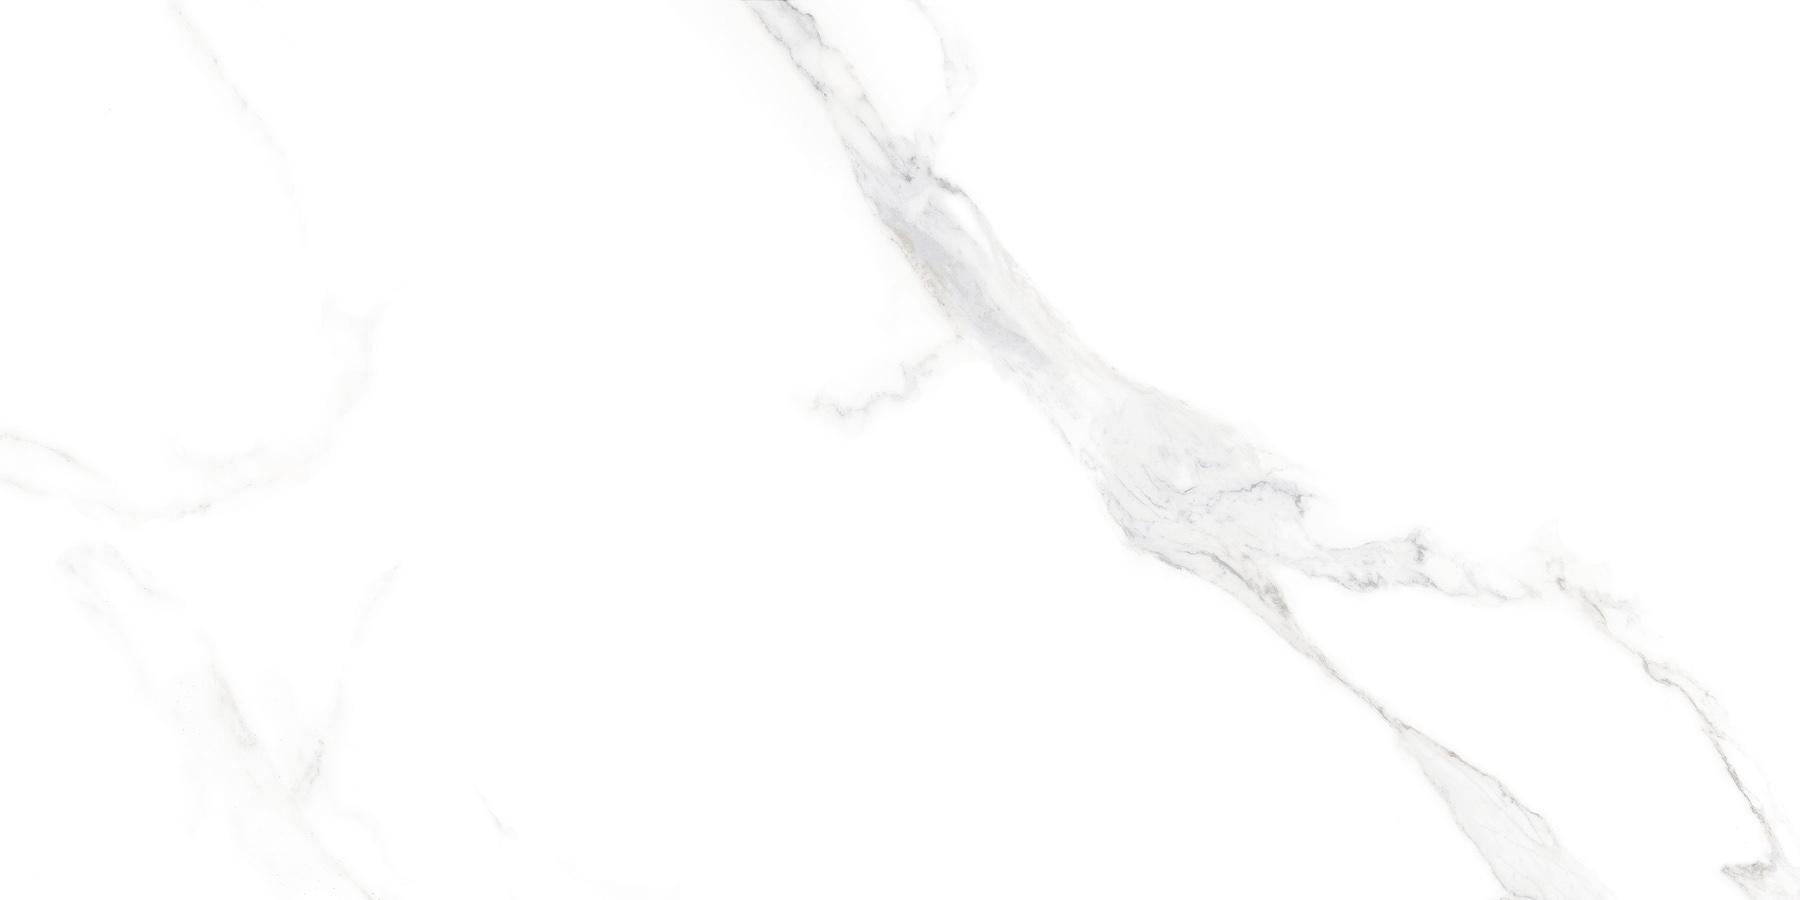 VJ17505P - 卡拉卡塔白